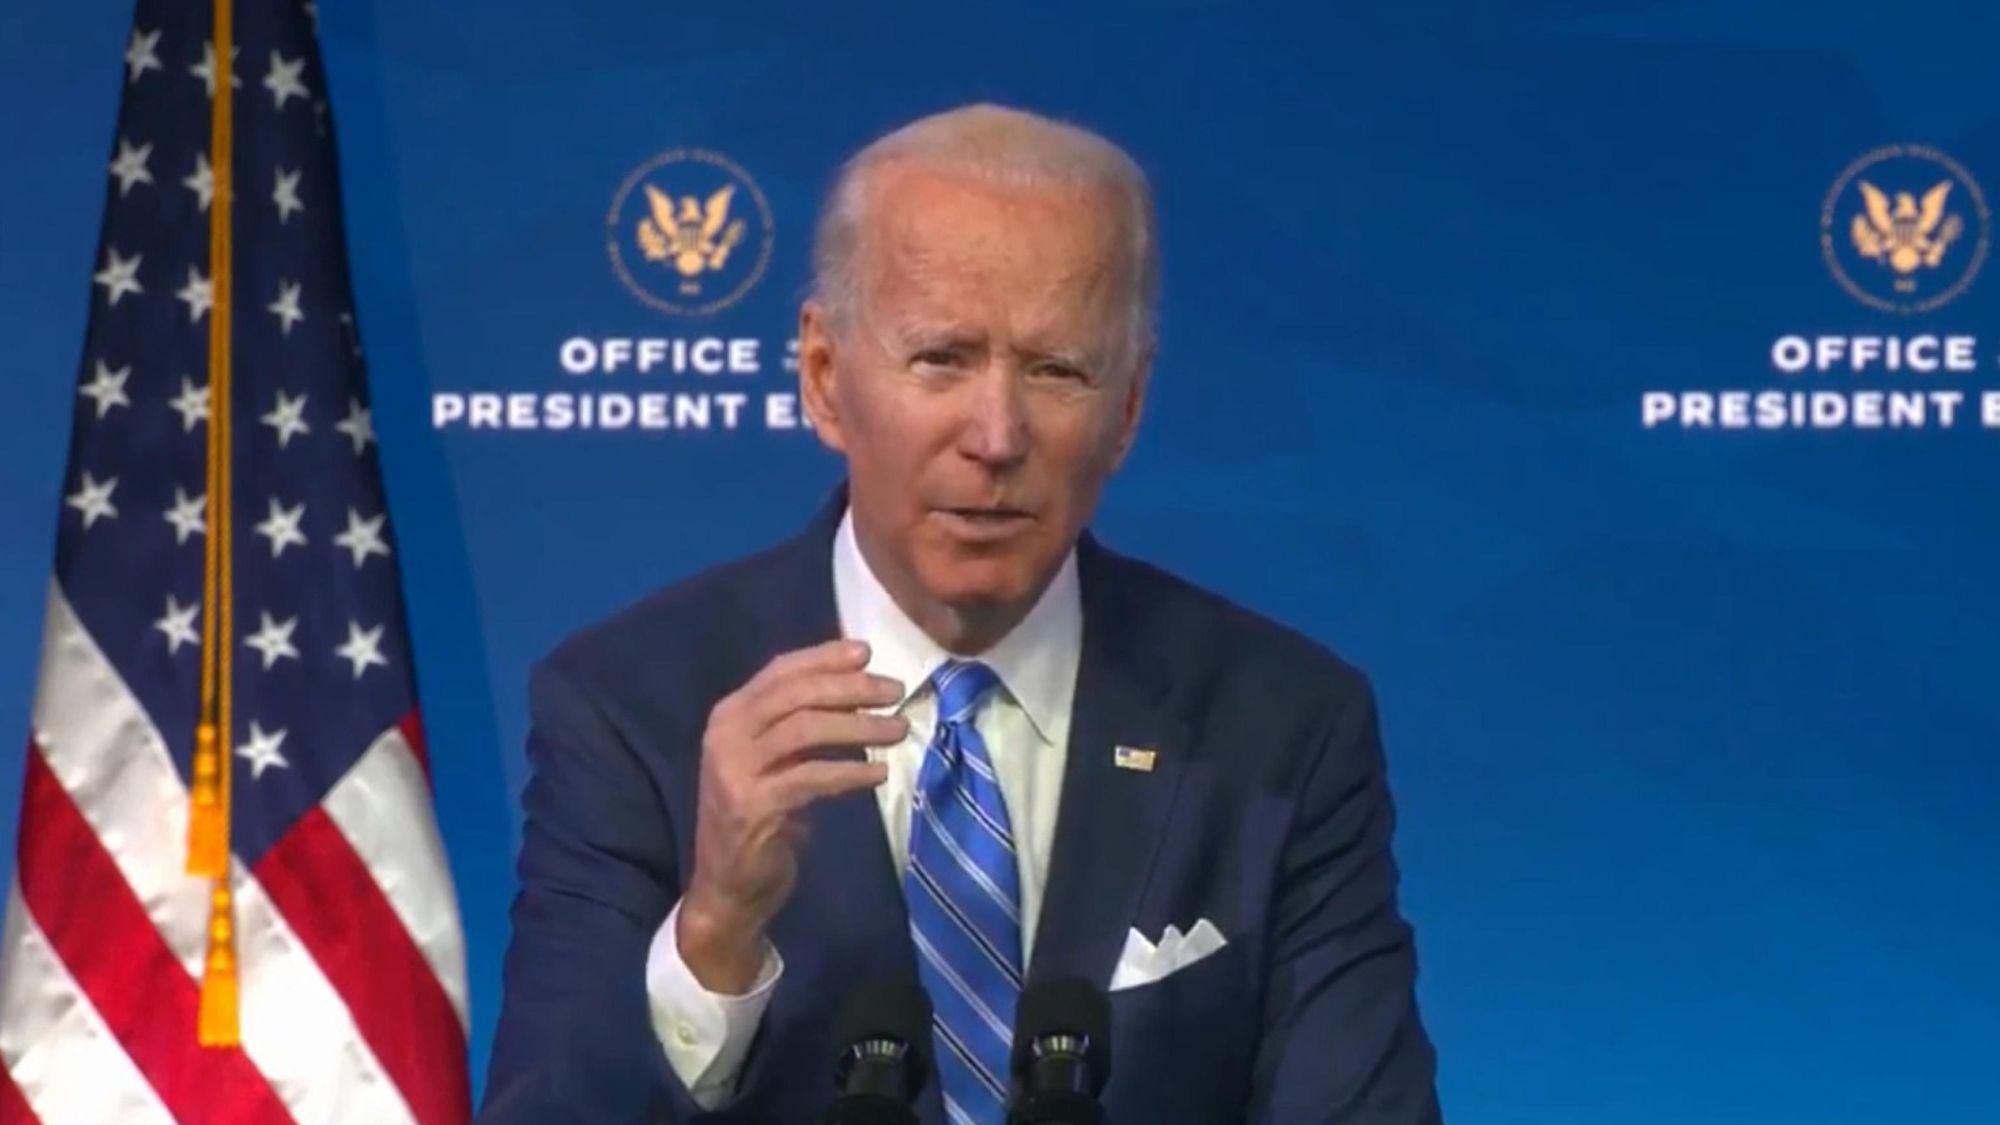 Clima, Biden cambia rotta: cosa comporta?